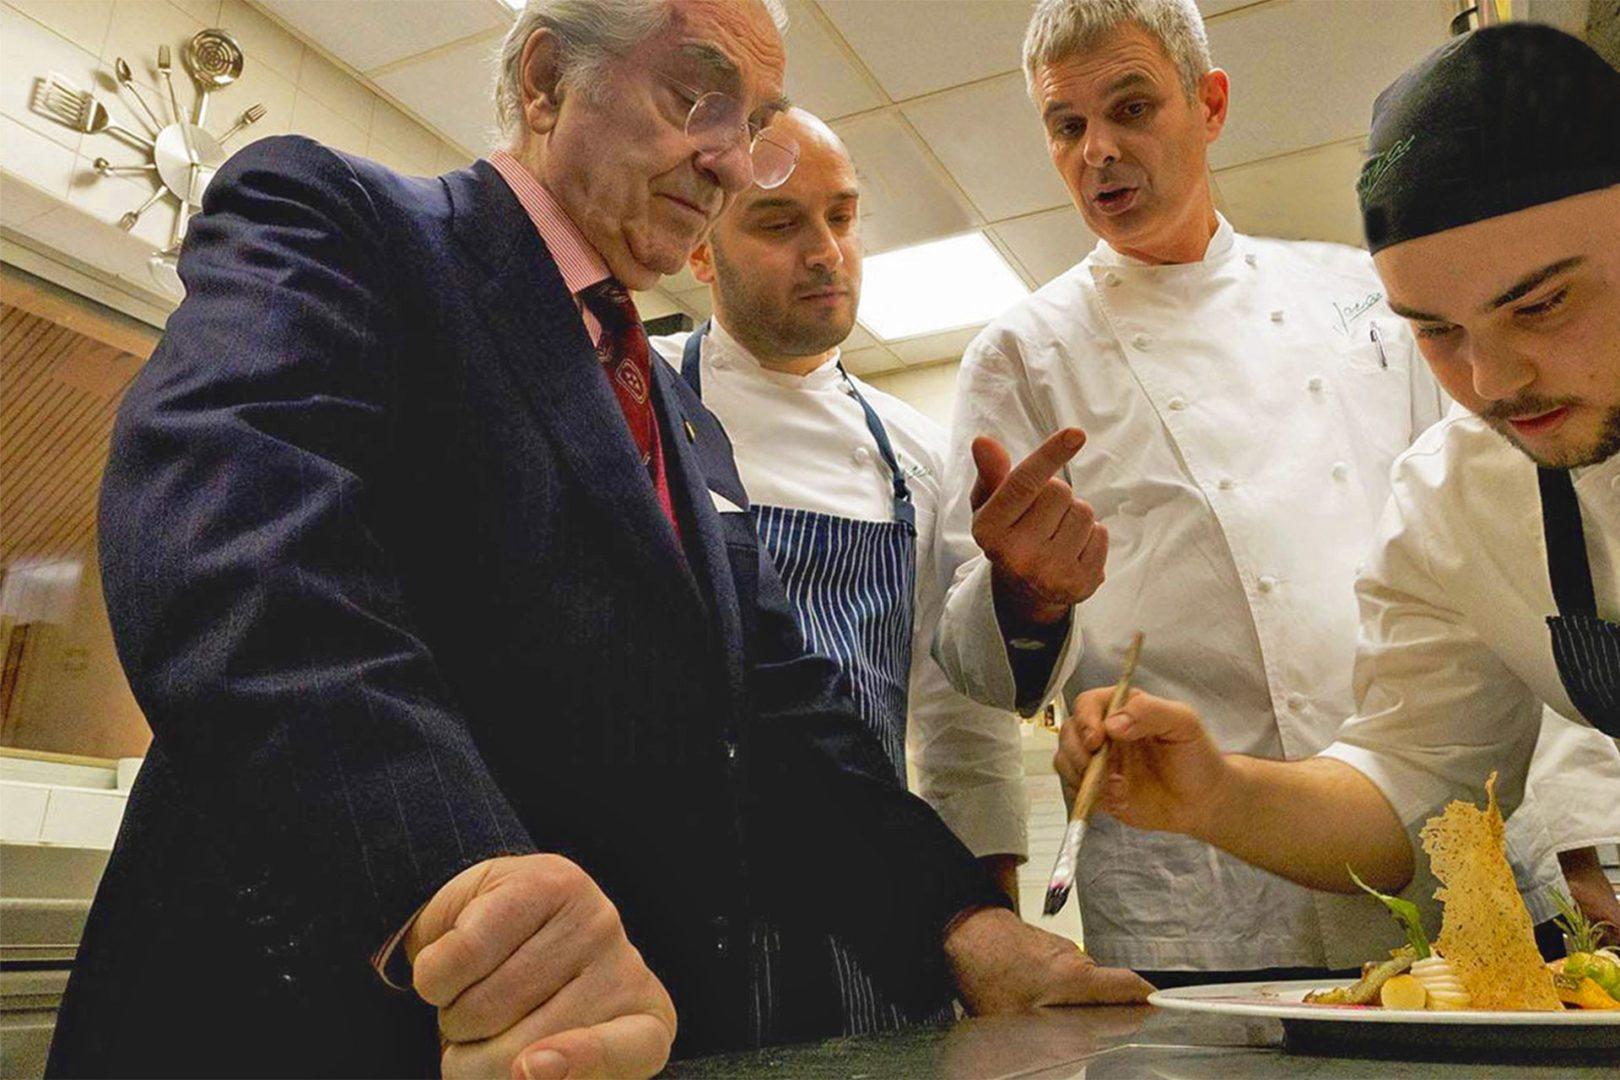 cucina vegetariana preparazione con Jacopo Ticchi, Pietro Leeman e Sauro Ricci, chef del Joja di Milano